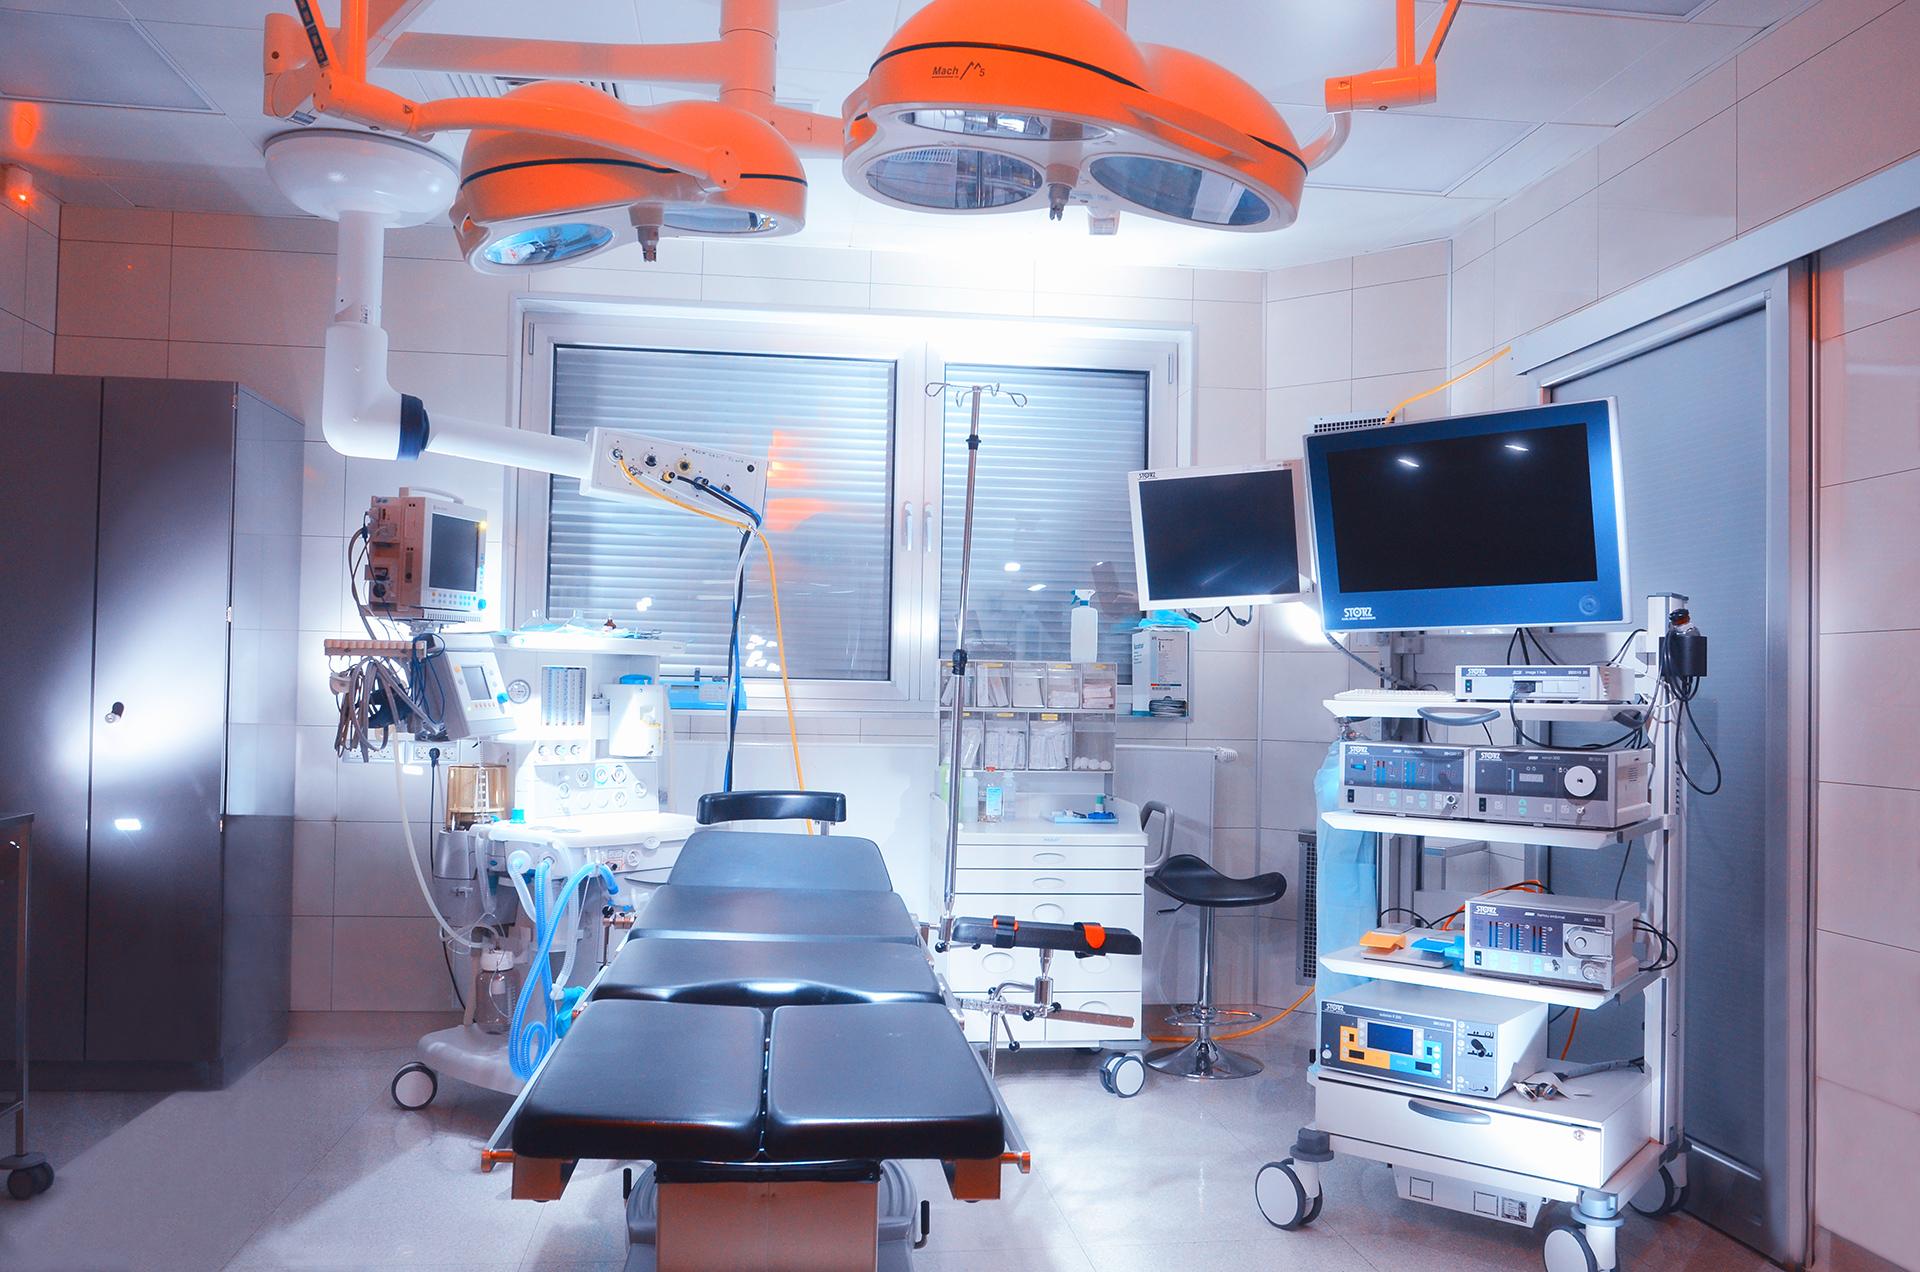 Rodili Te I Poliklinika Podobnik Gynecological Clinic